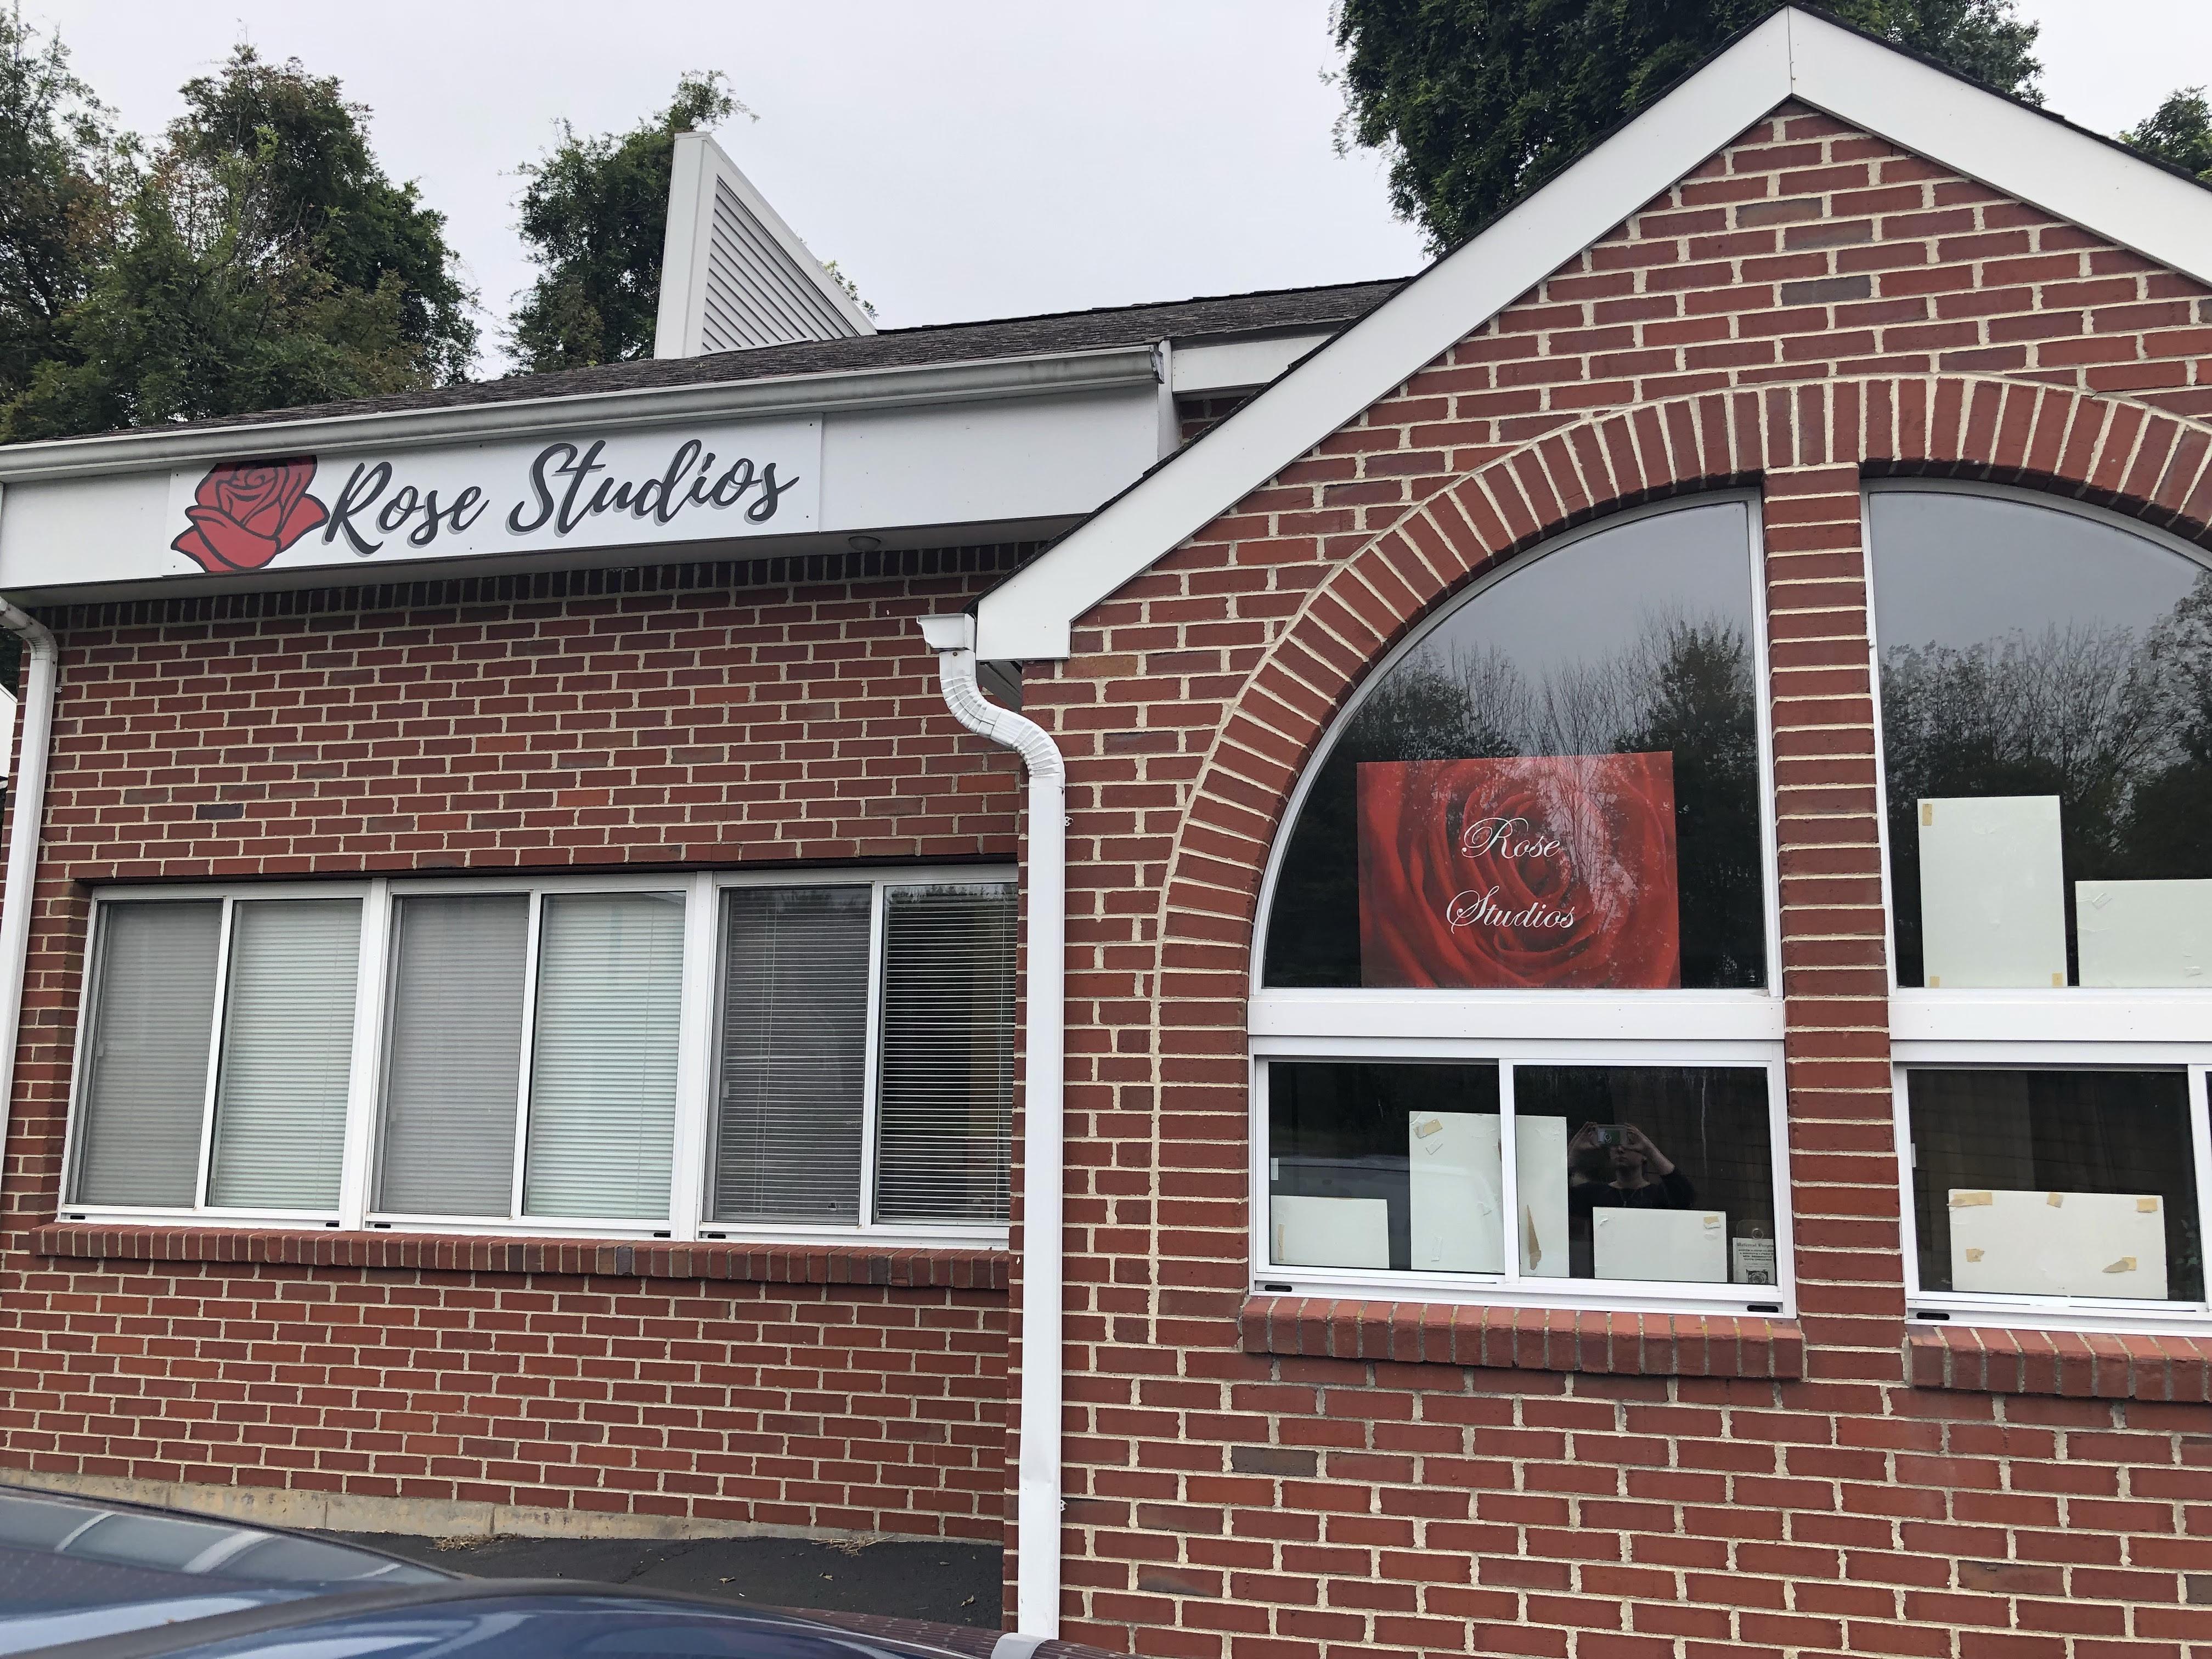 Rose Studios